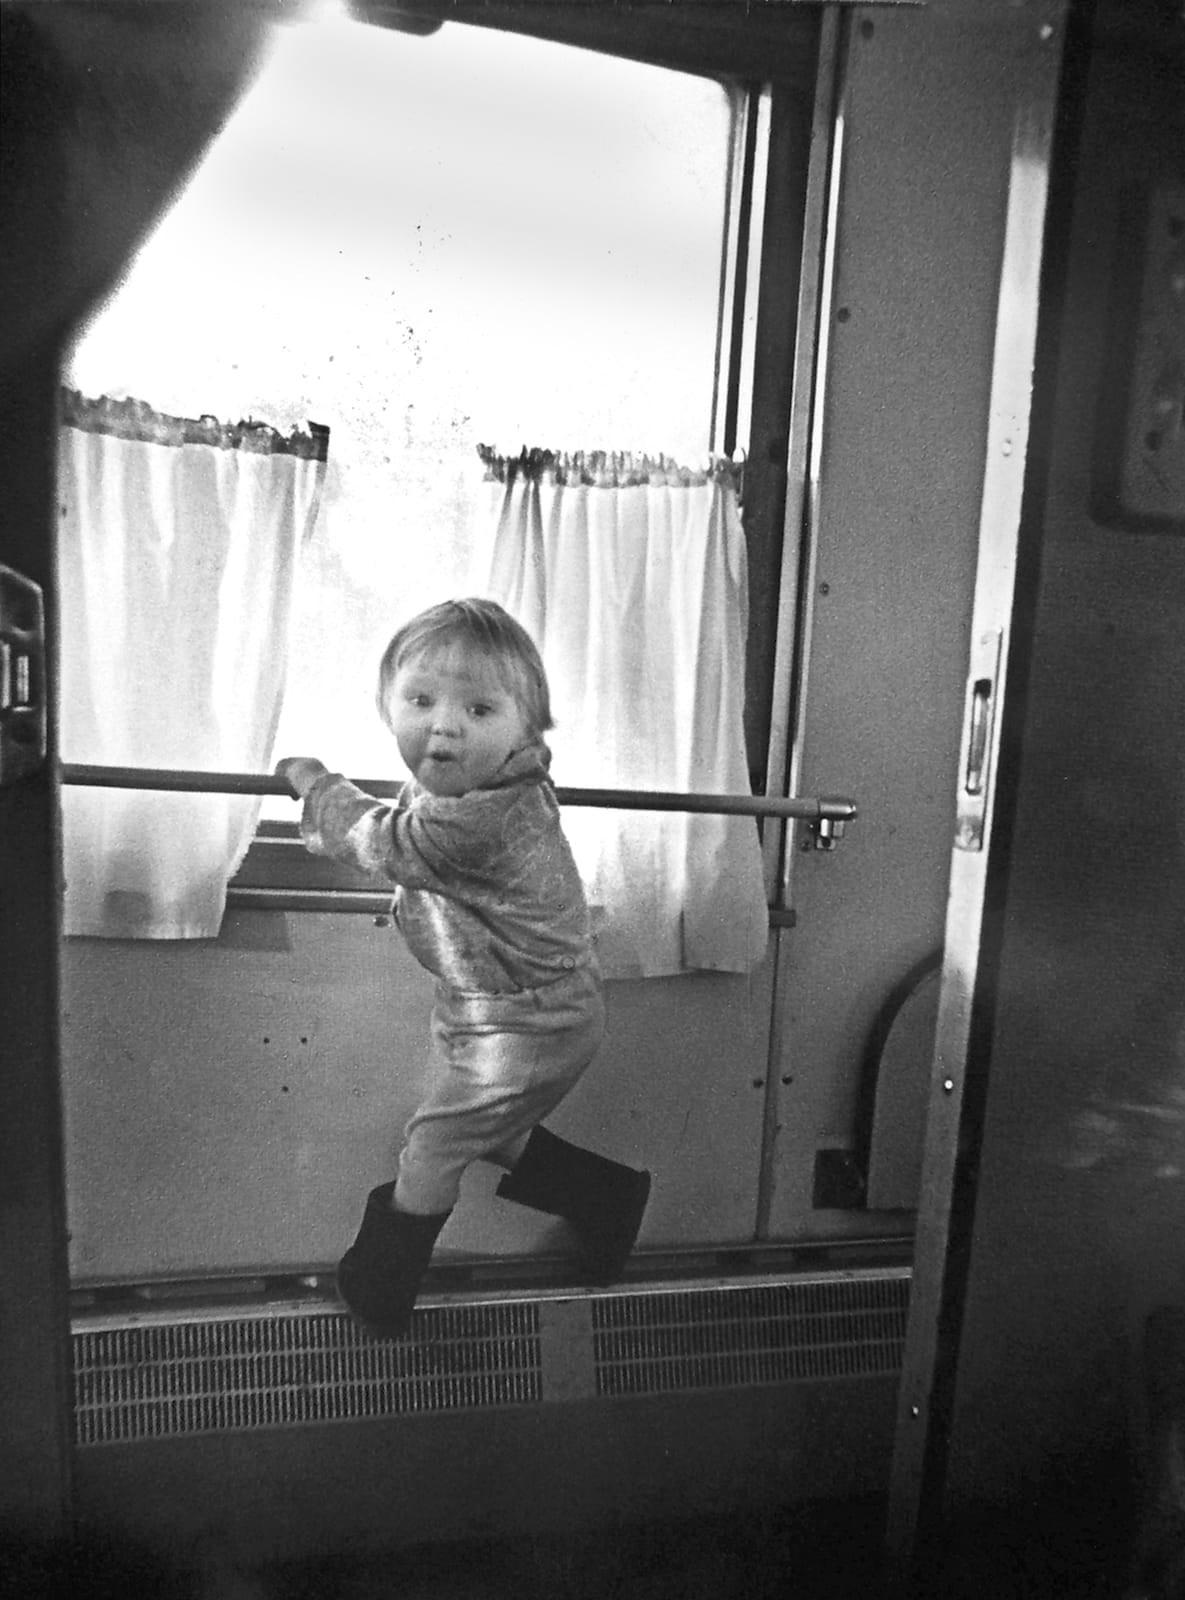 父の元へ、サラトフへ、(モスクワ―サラトフ列車、1979年)